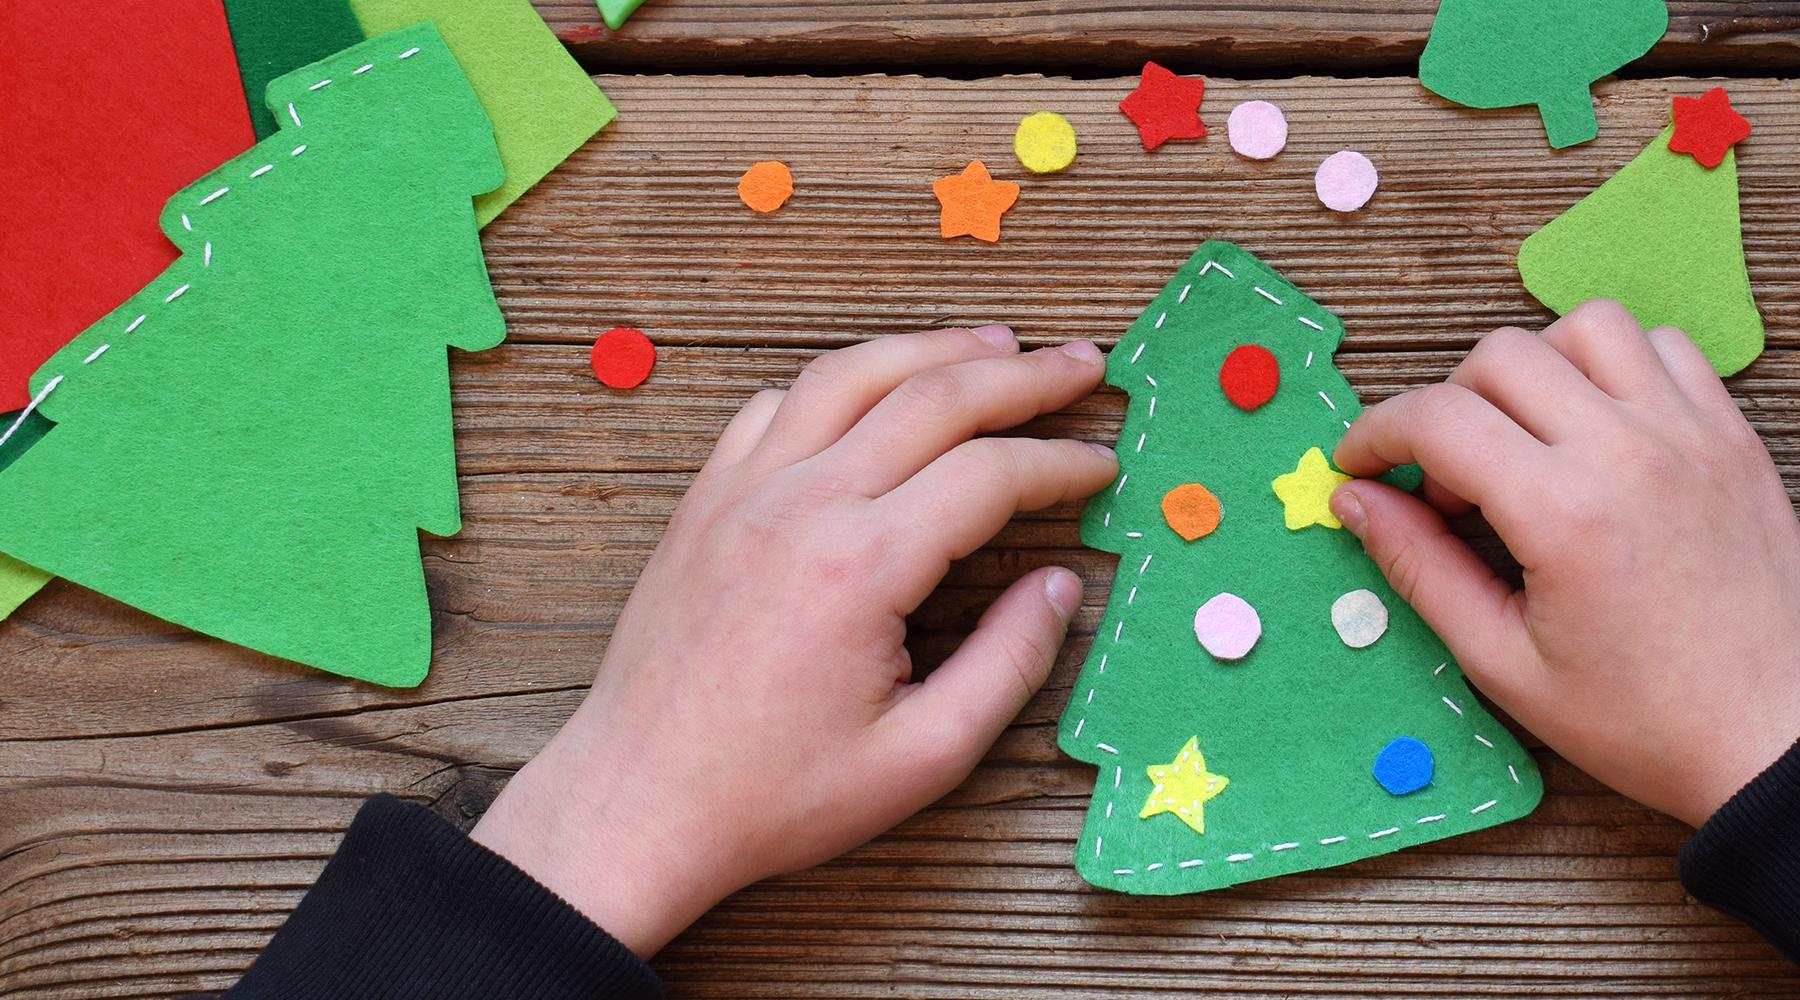 El taller de Navidad es una bonita tradición navidenña para toda la familia. Aquí encontrarás algunas buenas ideas para hermosos regalos de Navidad y decoraciones navideñas que podéis elaborar todos juntos.